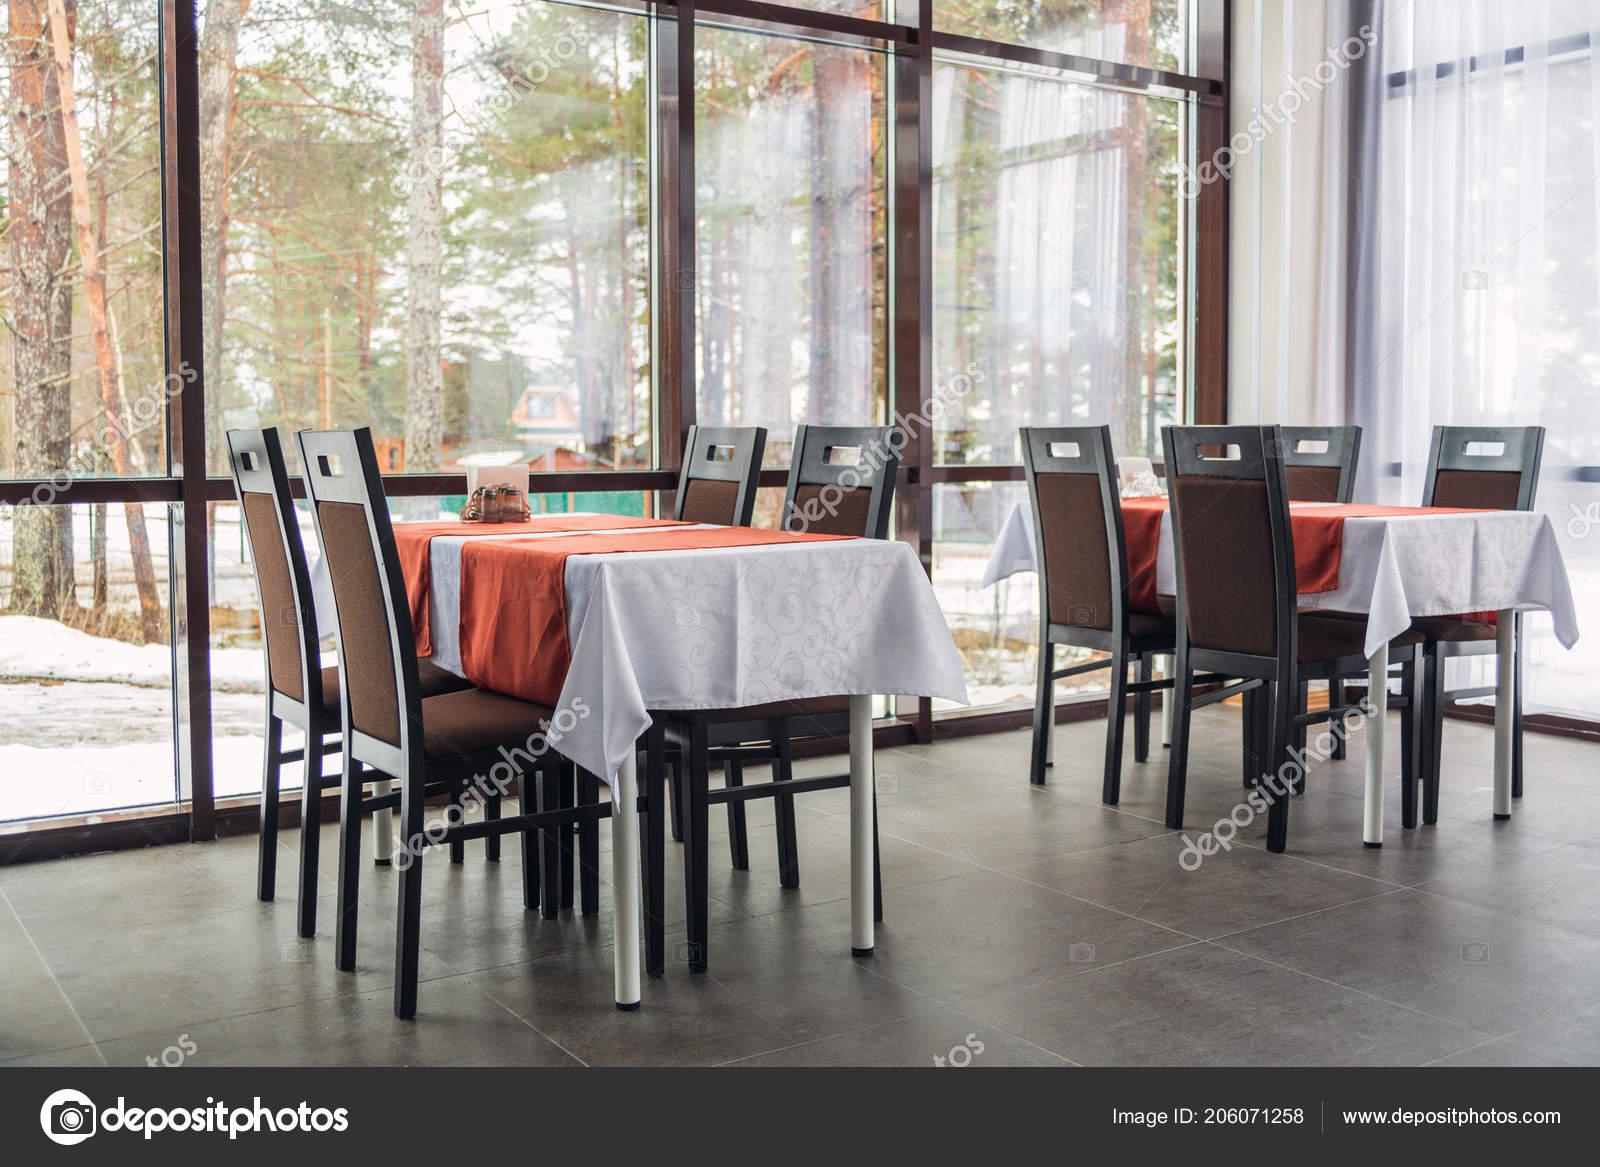 Tavoli Da Pranzo Grandi.Tavoli Pranzo Sedie Del Ristorante Grandi Finestre Luce Interiore